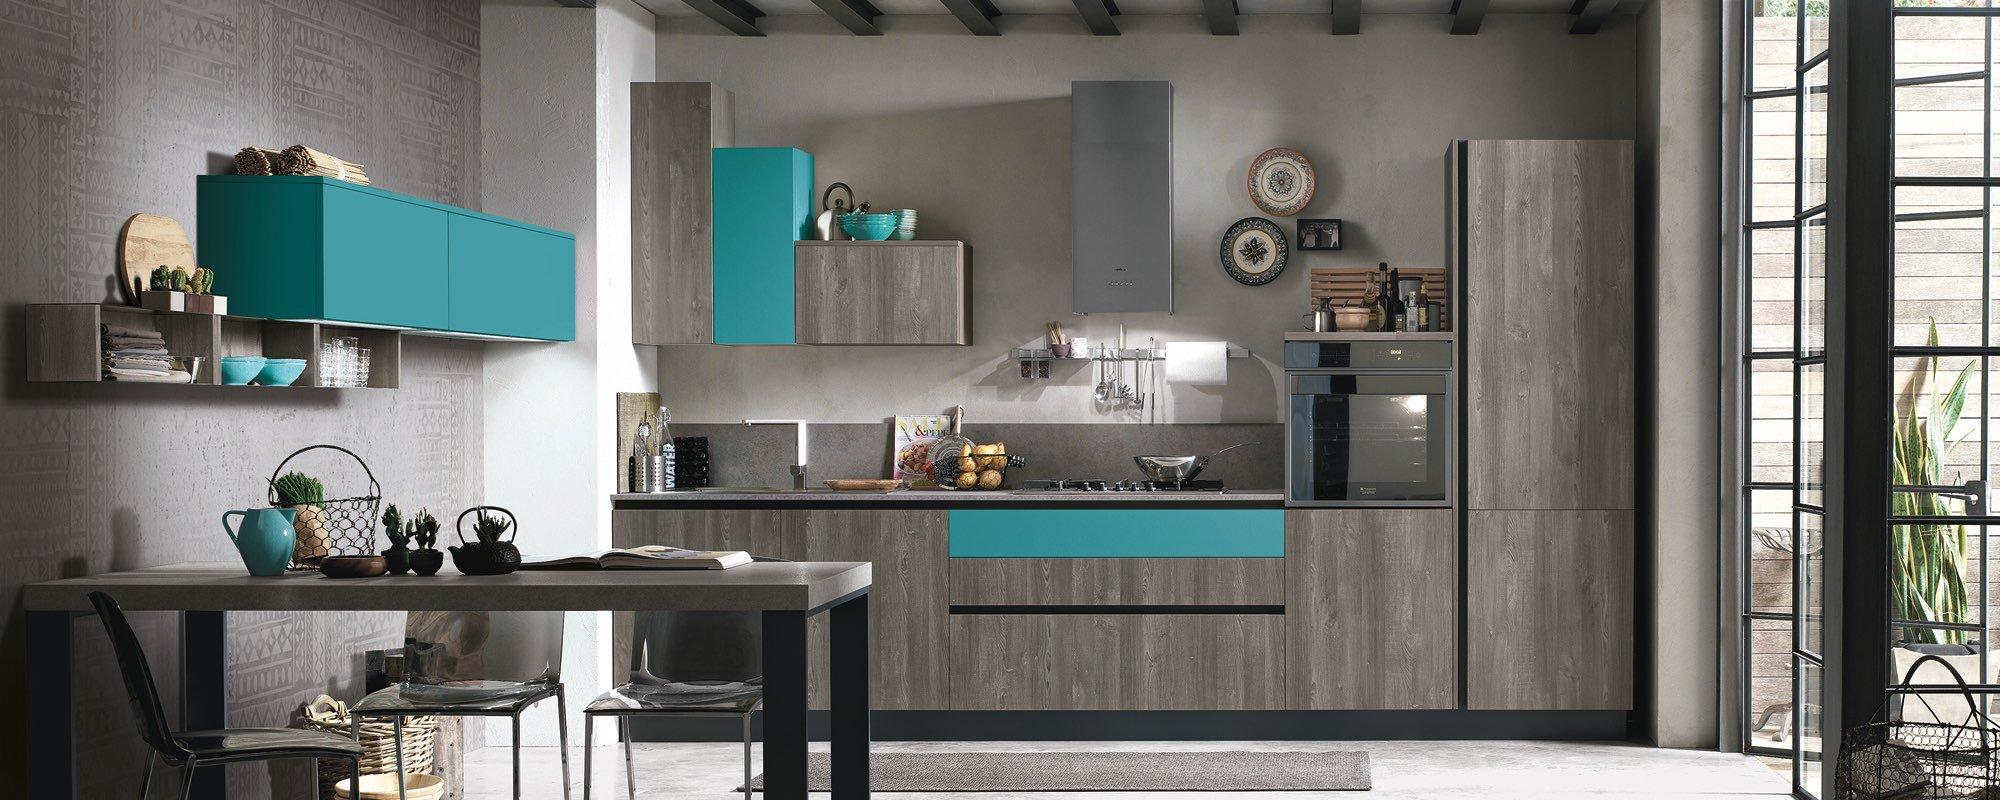 cucina moderna in legno con credenza azzurro, tavolo, sedie e finestra